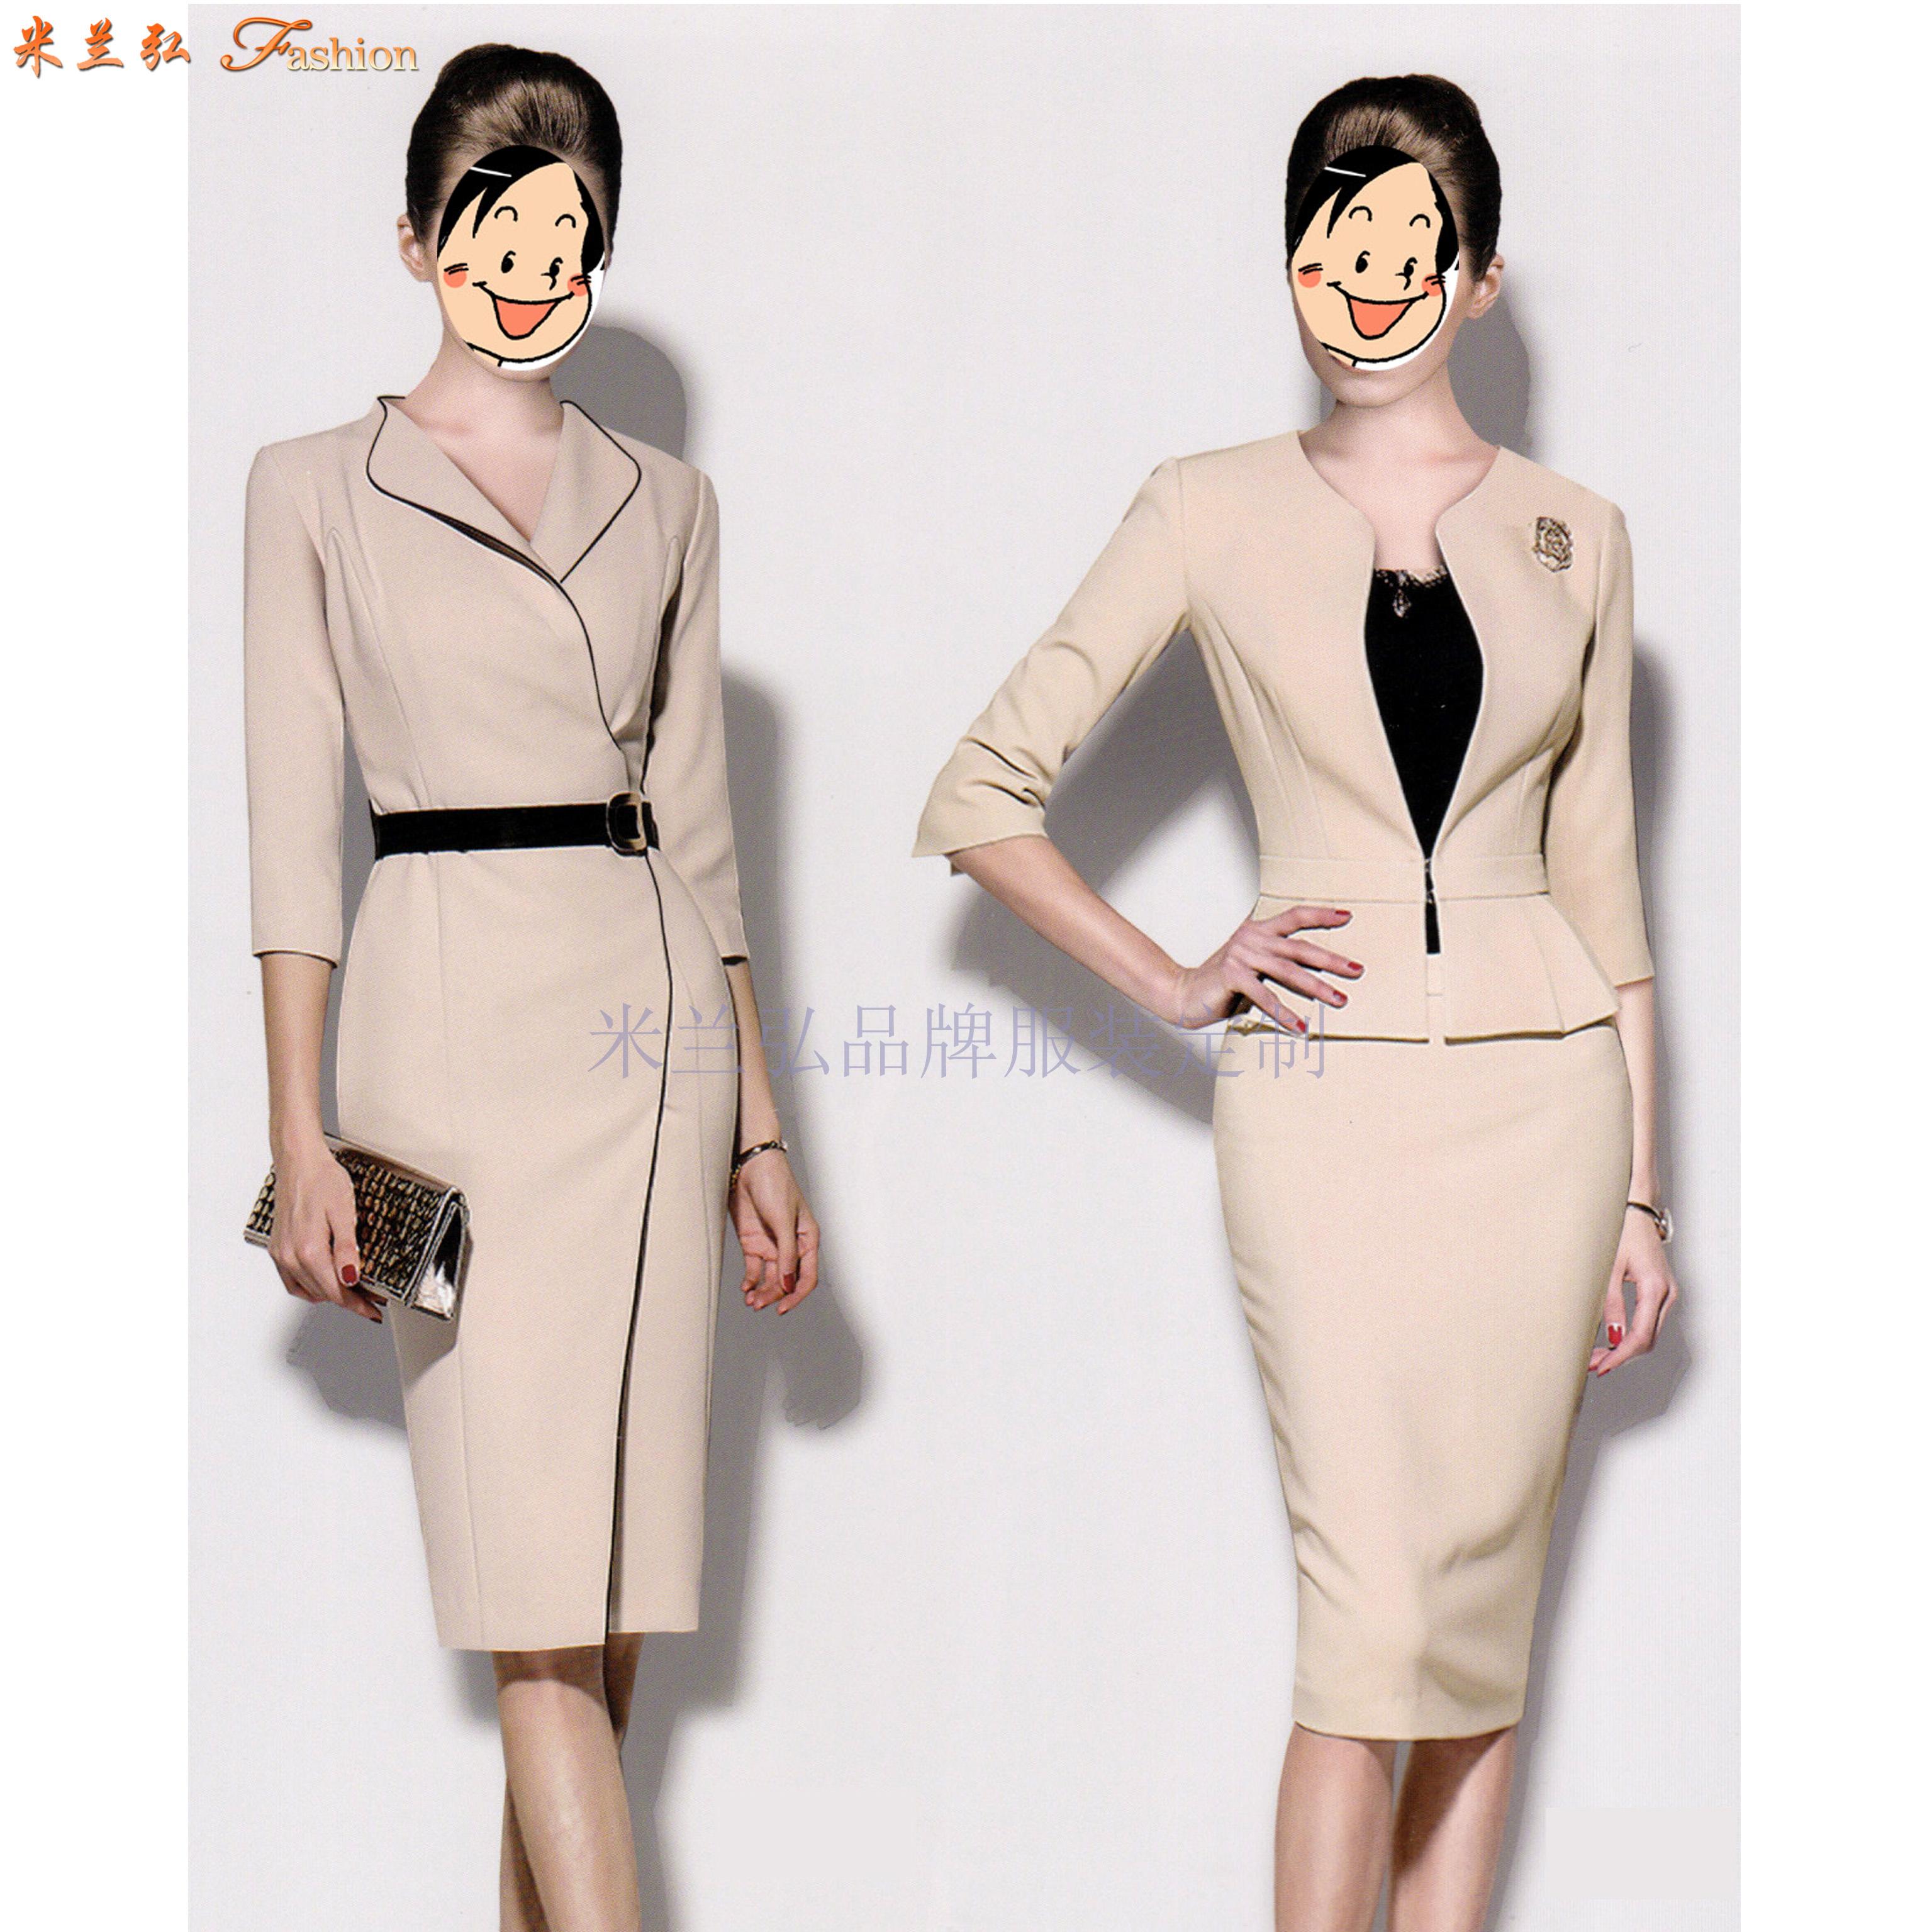 職業裝高檔連衣裙公司-國內職業裝品牌-米蘭弘服裝-1